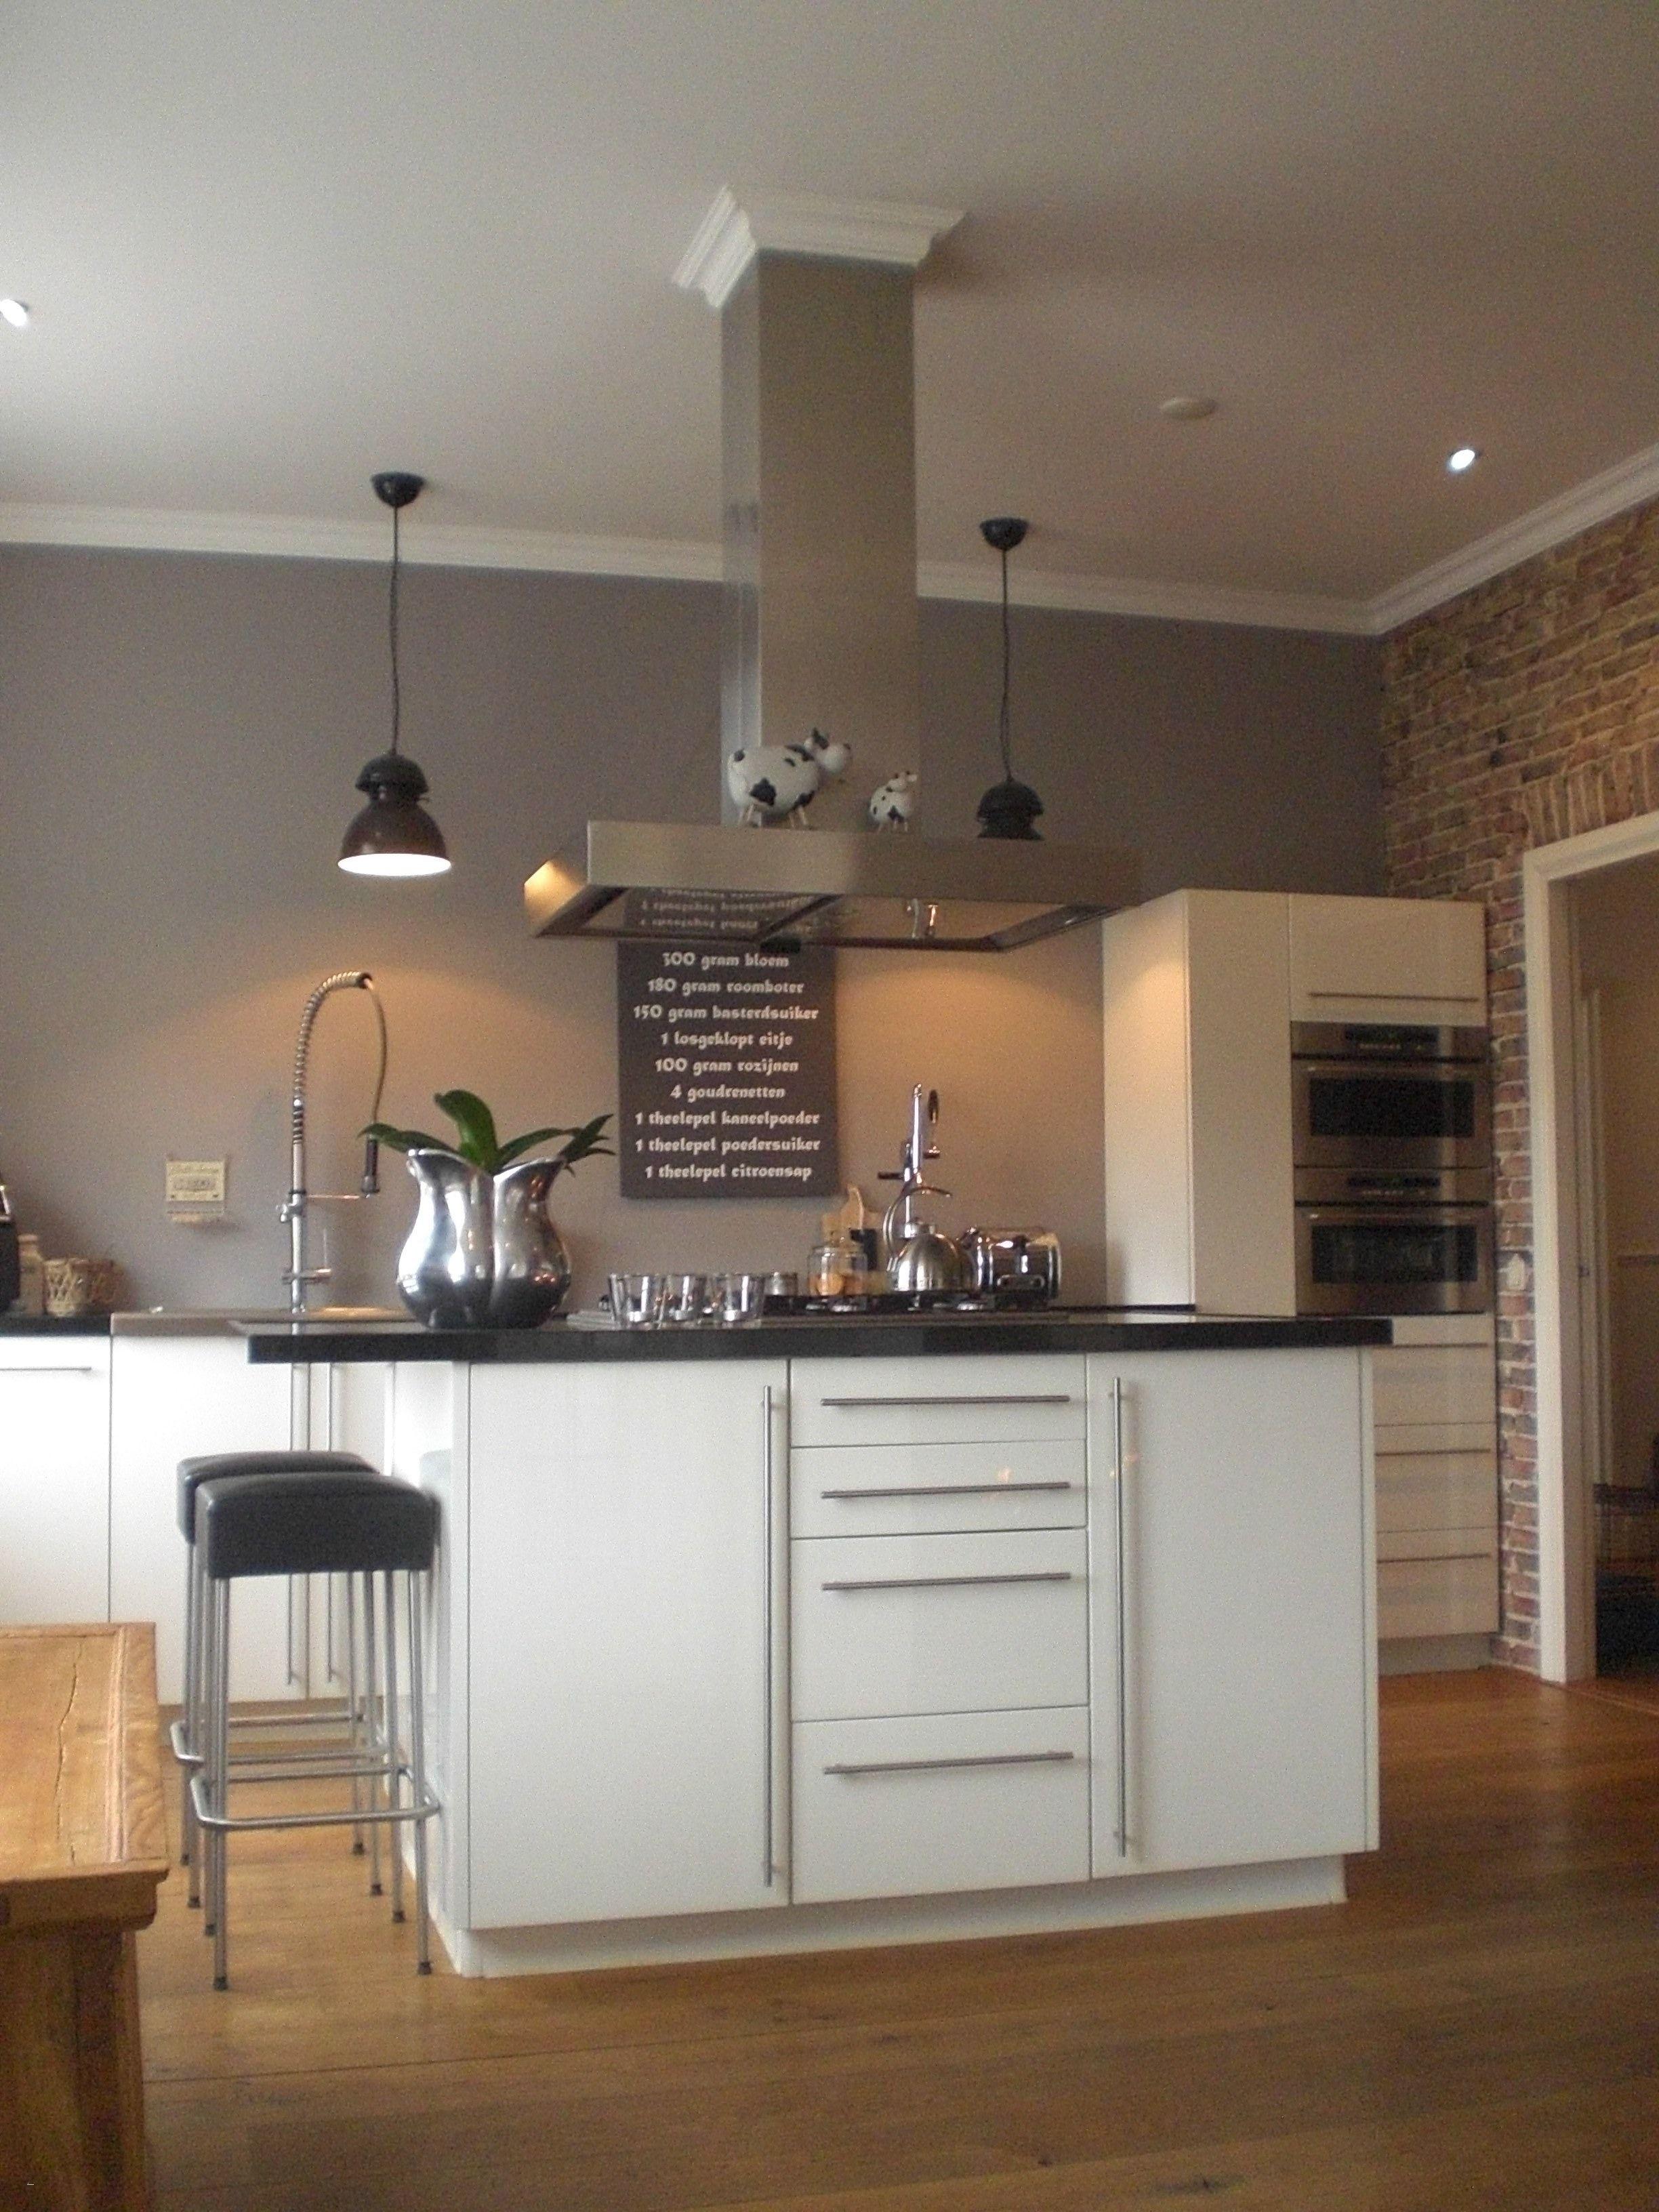 Neu Magnolia Farbe Kuche Auctionbasedonemotions Com Stilvolle Kuche Wohnung Kuche Kuchen Design